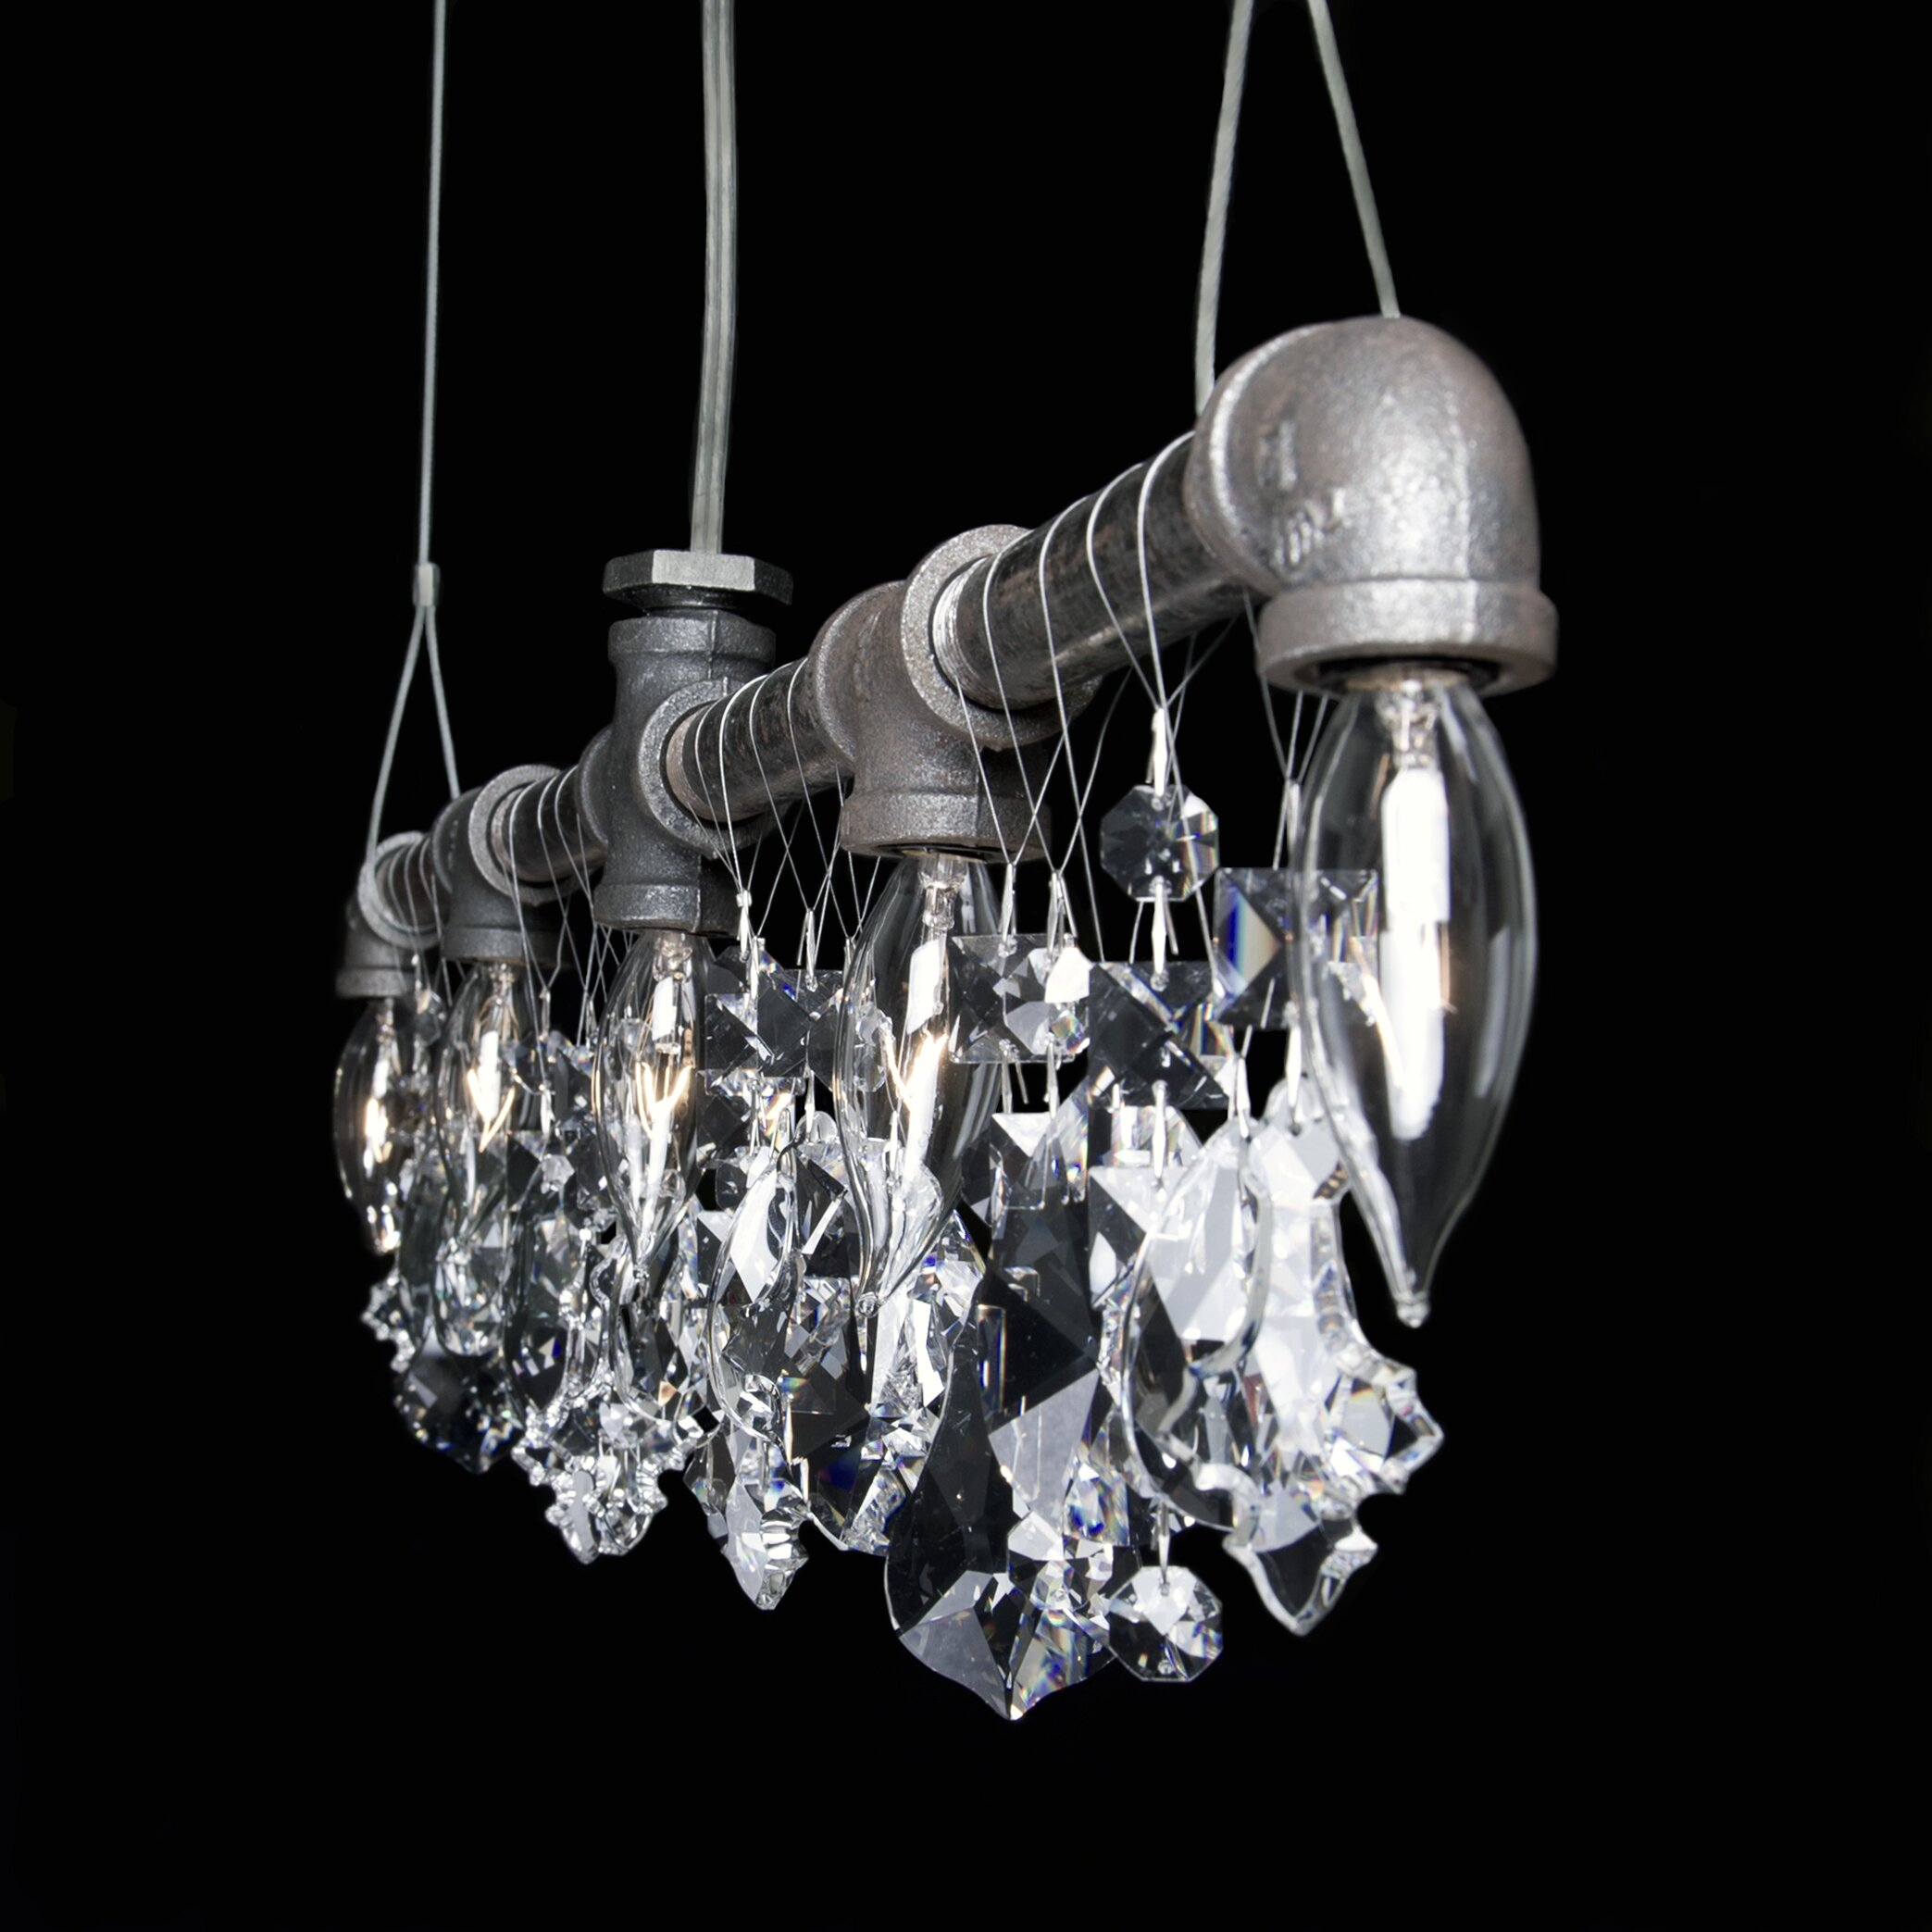 Trendy Chandeliers: Michael McHale Designs Tribeca 5 Light Bar Chandelier